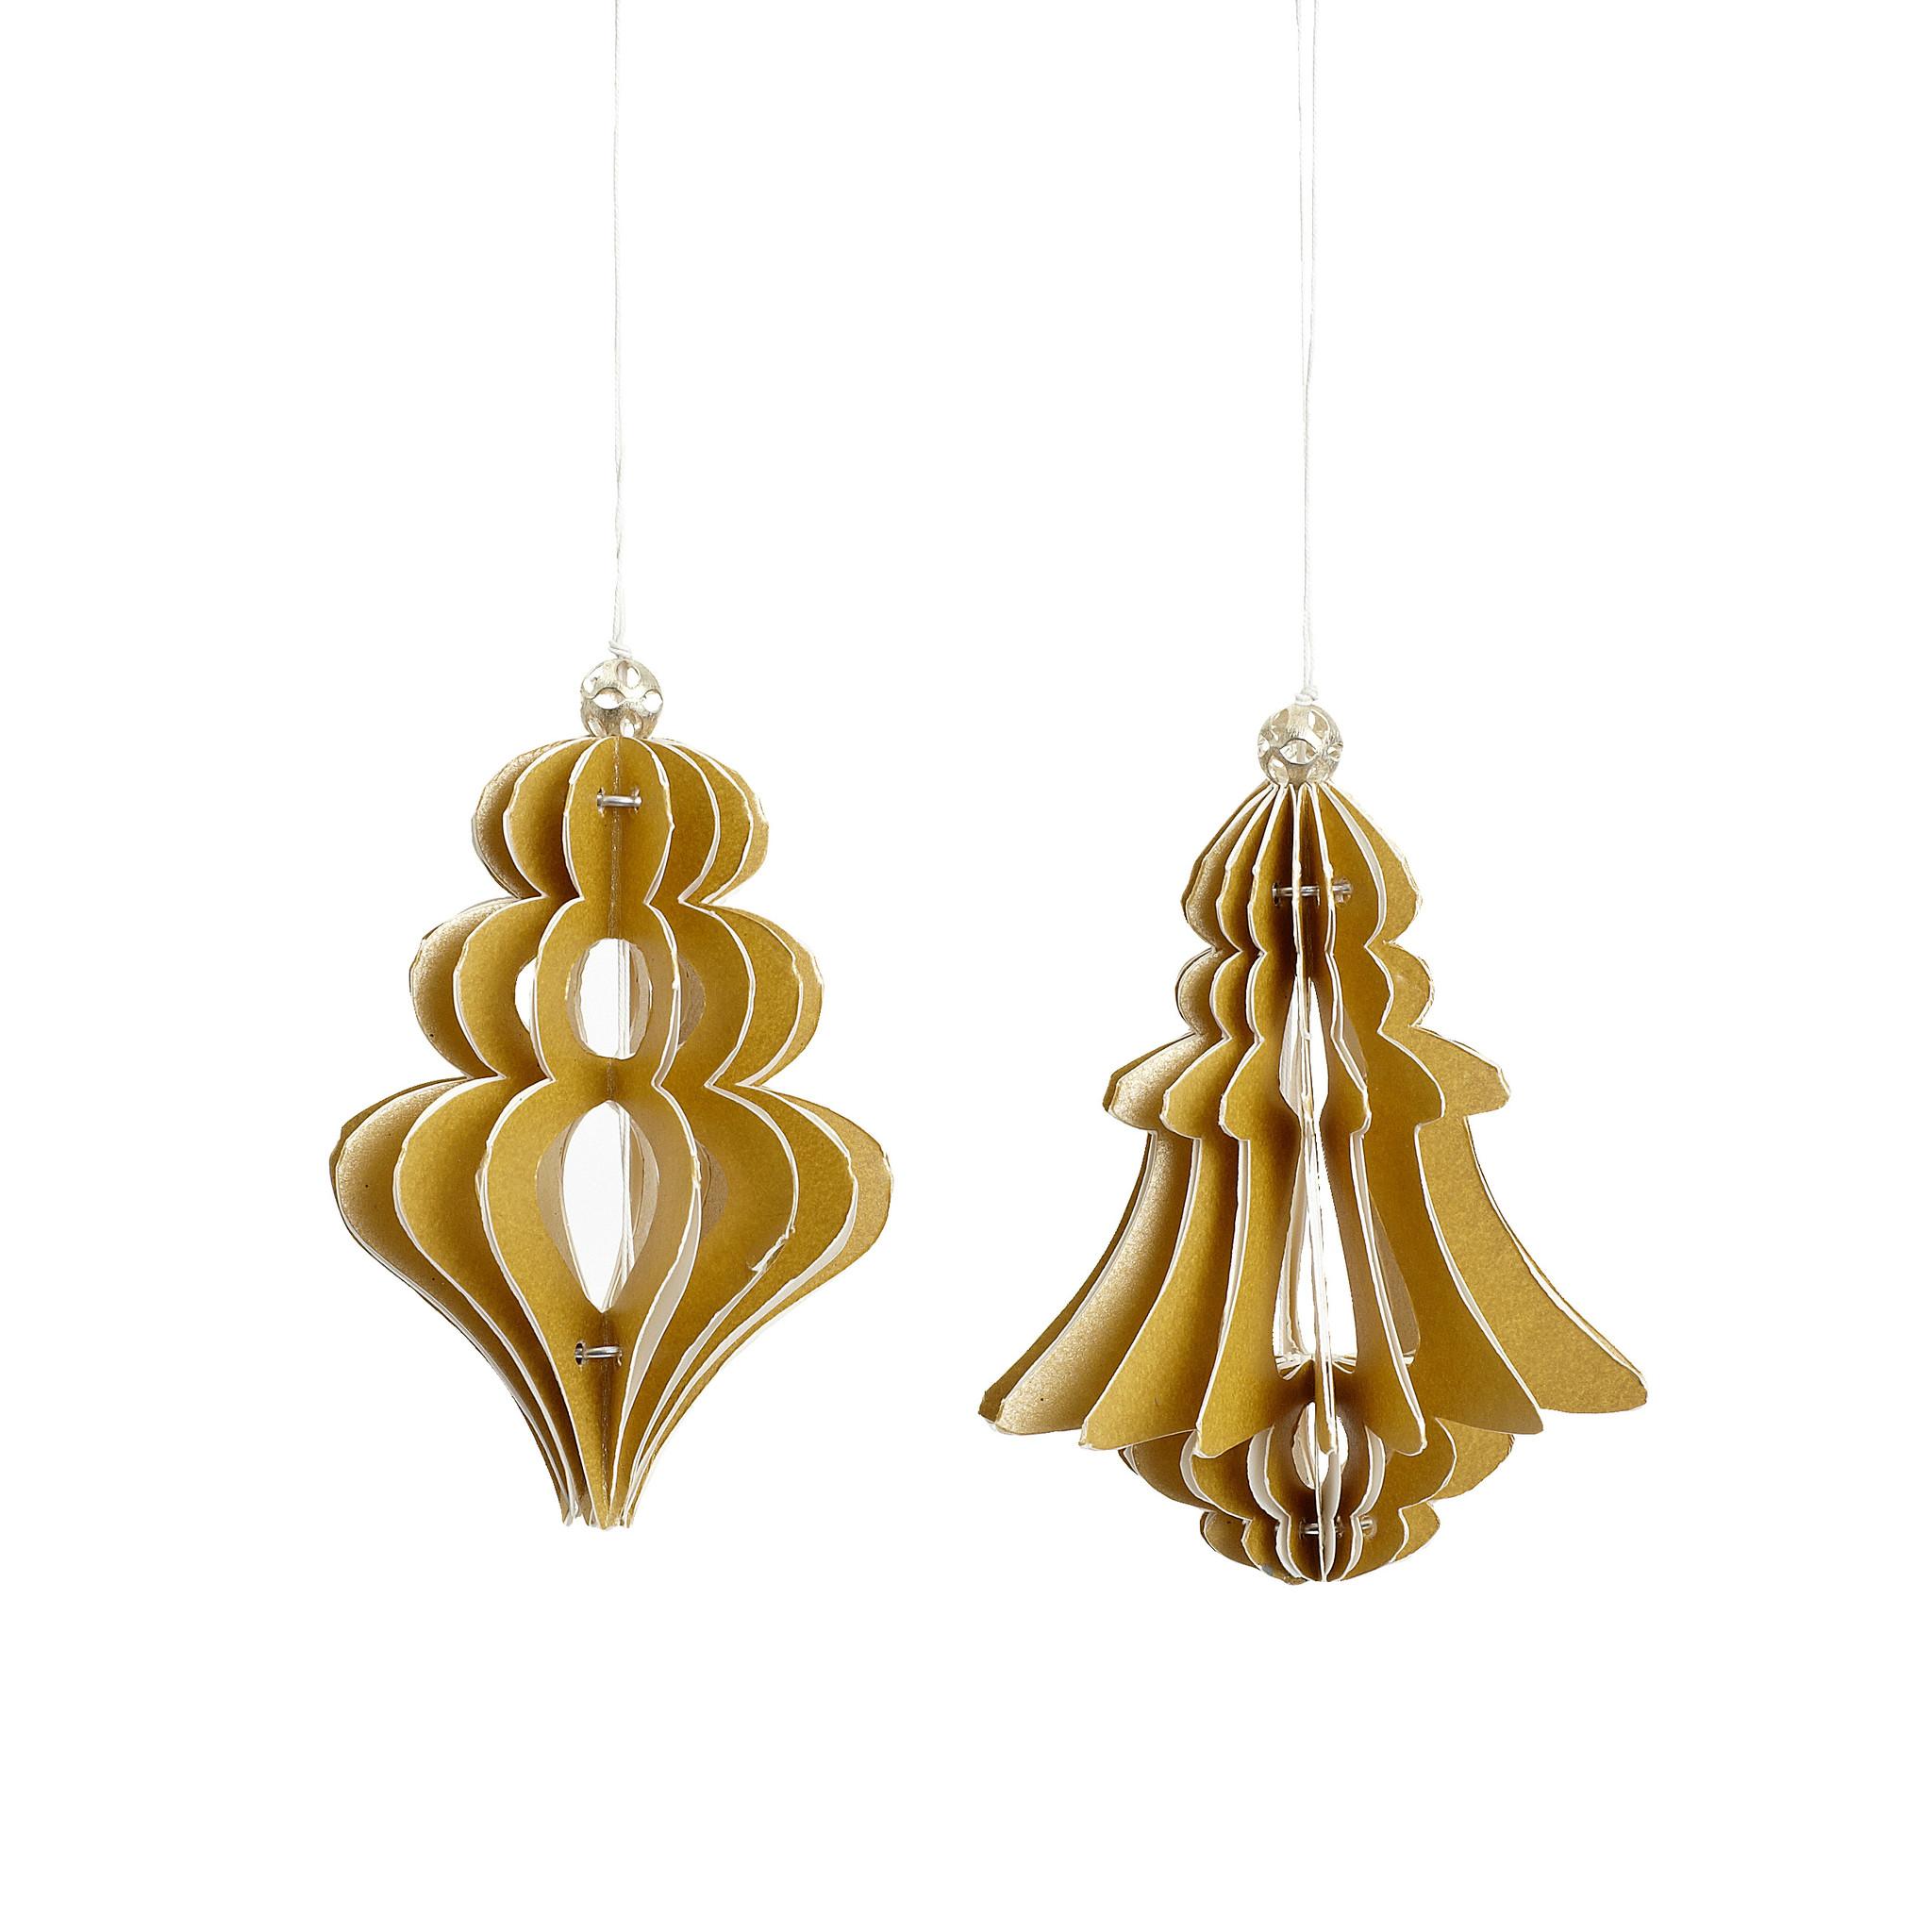 Hubsch Kerstornament, handgevouwen, papier, goud, set van 2-436006-5712772032084